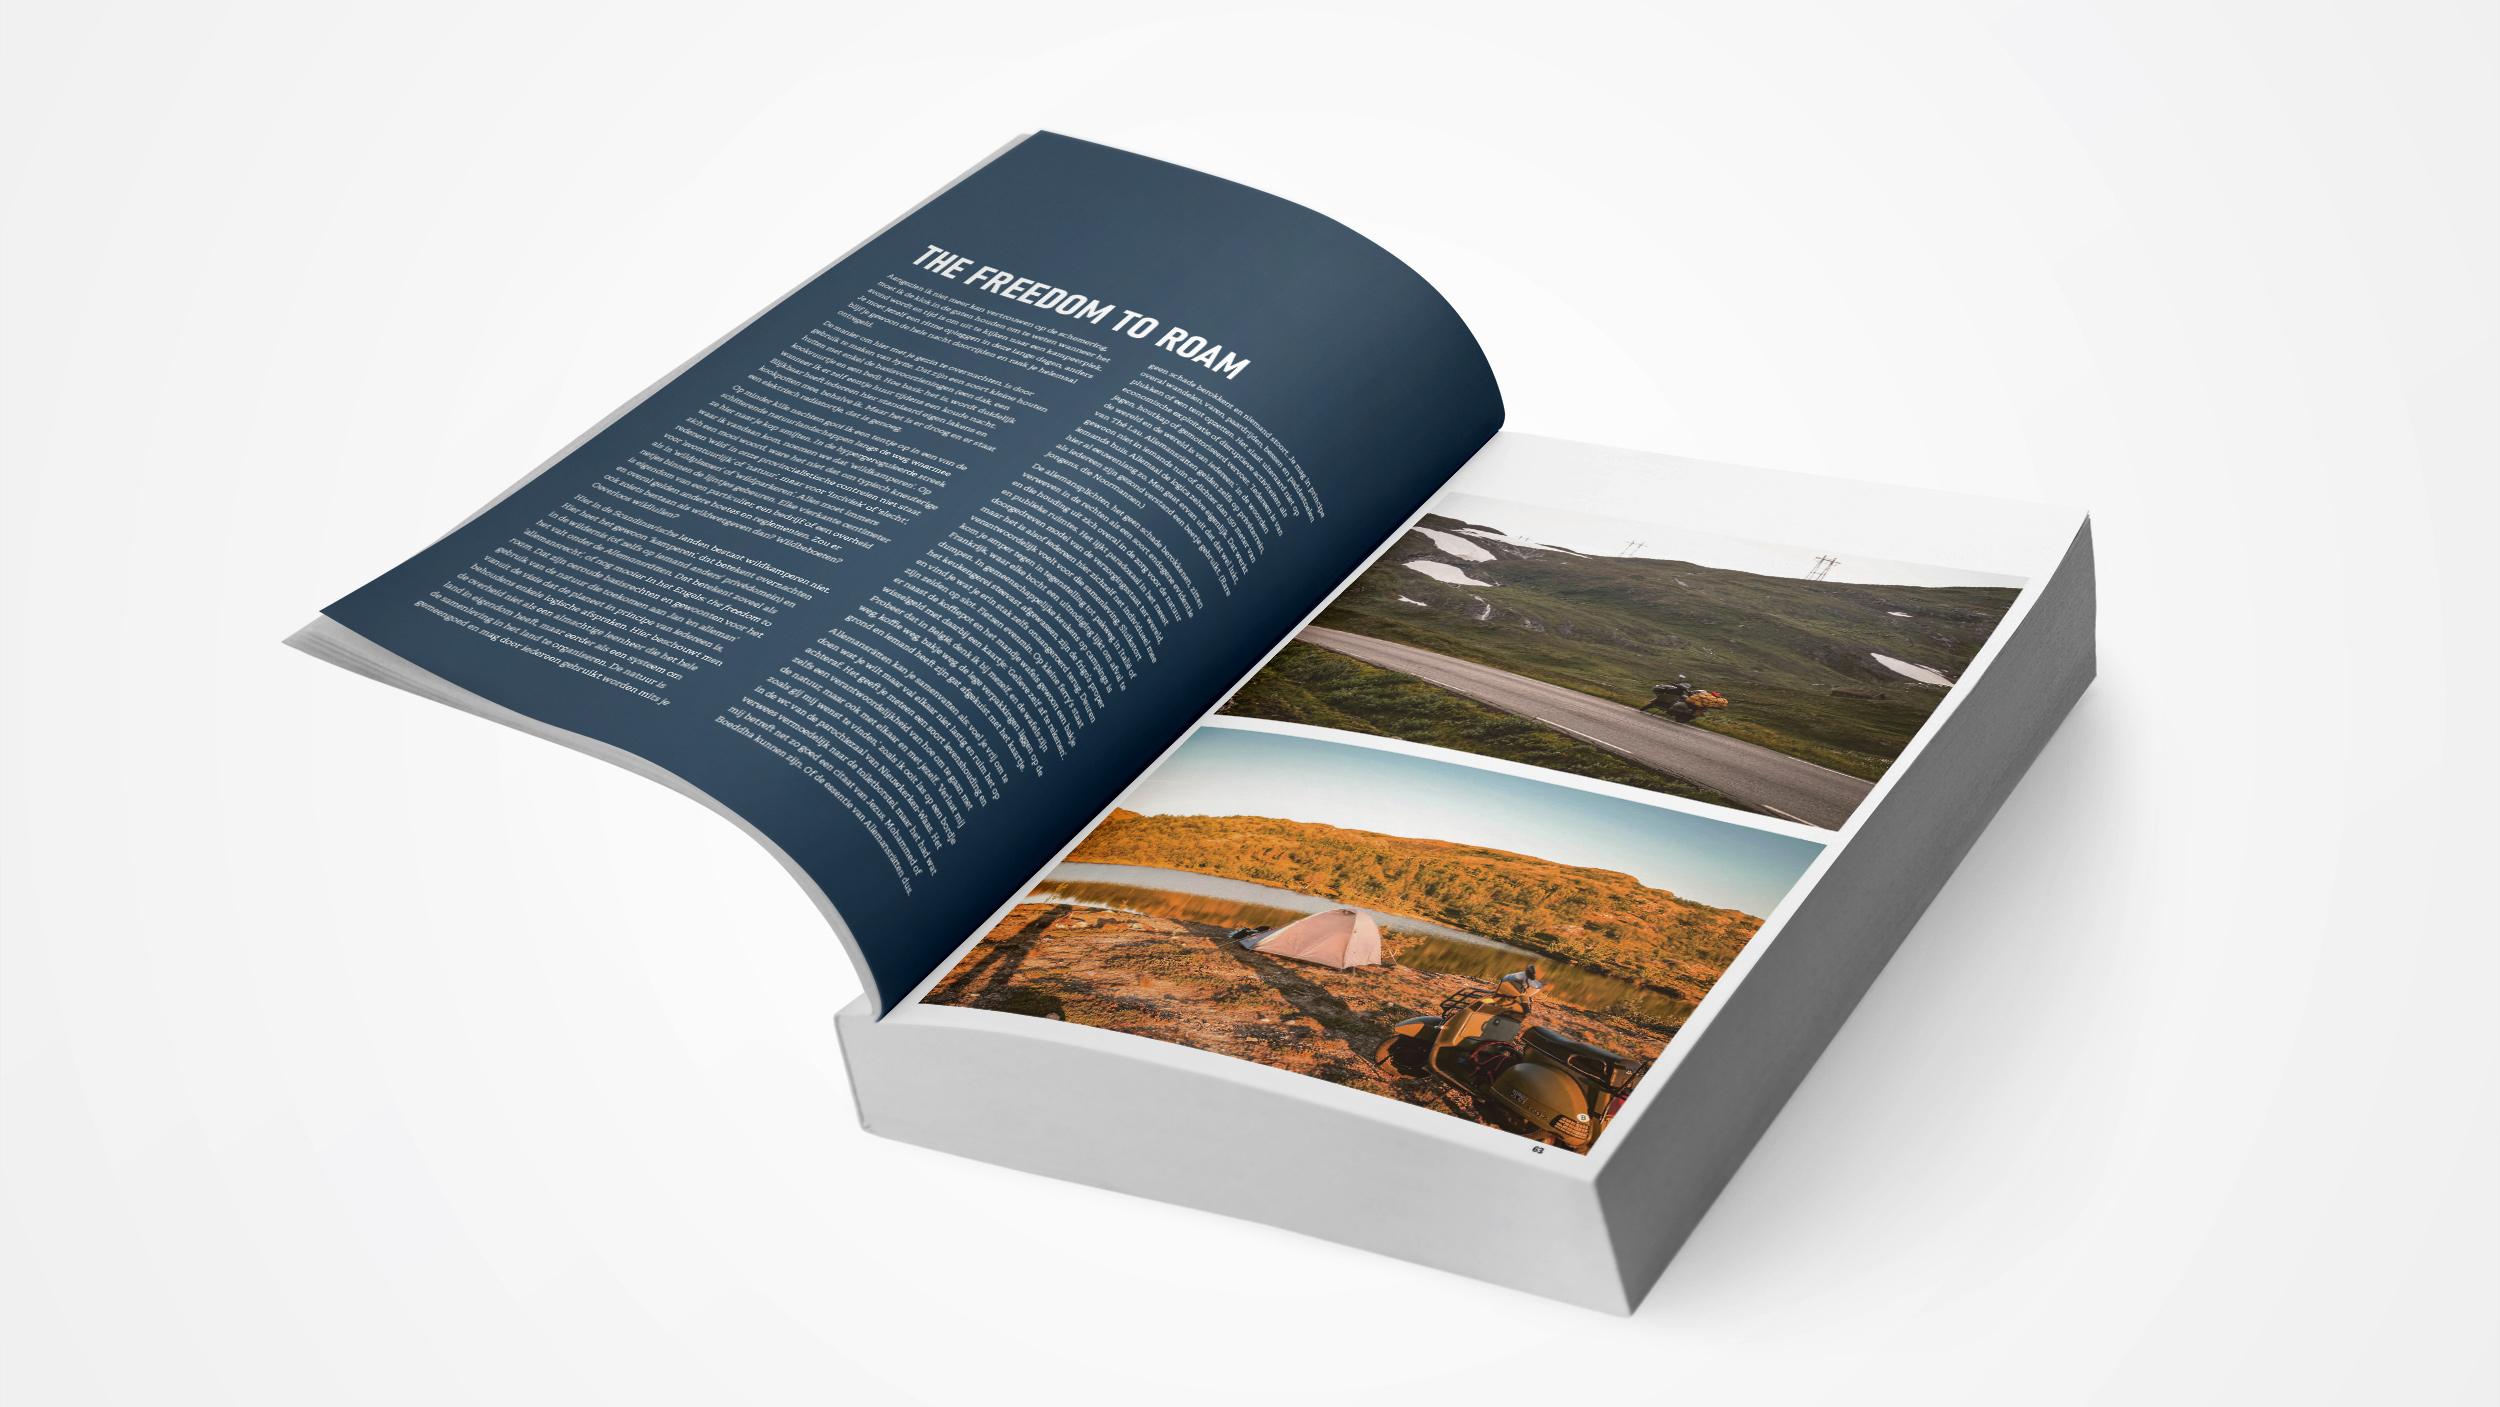 Boekverzorging Binnenwerk Nordkapp Stories - Michael Van Peel - Uitgeverij Vrijdag